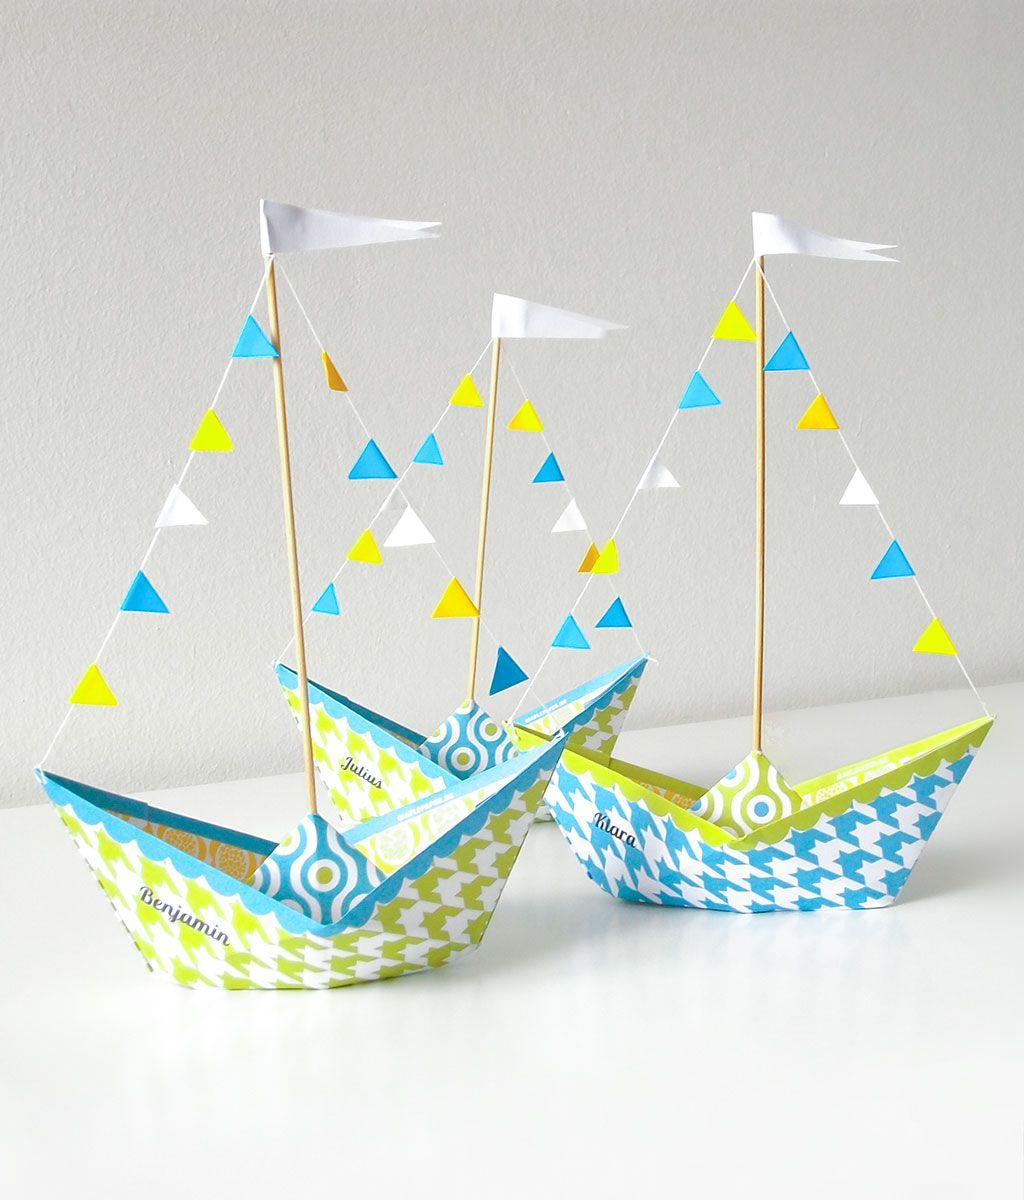 papierboot druckvorlage zum basteln sch ne tischdeko f r kindergeburtstag basteln. Black Bedroom Furniture Sets. Home Design Ideas